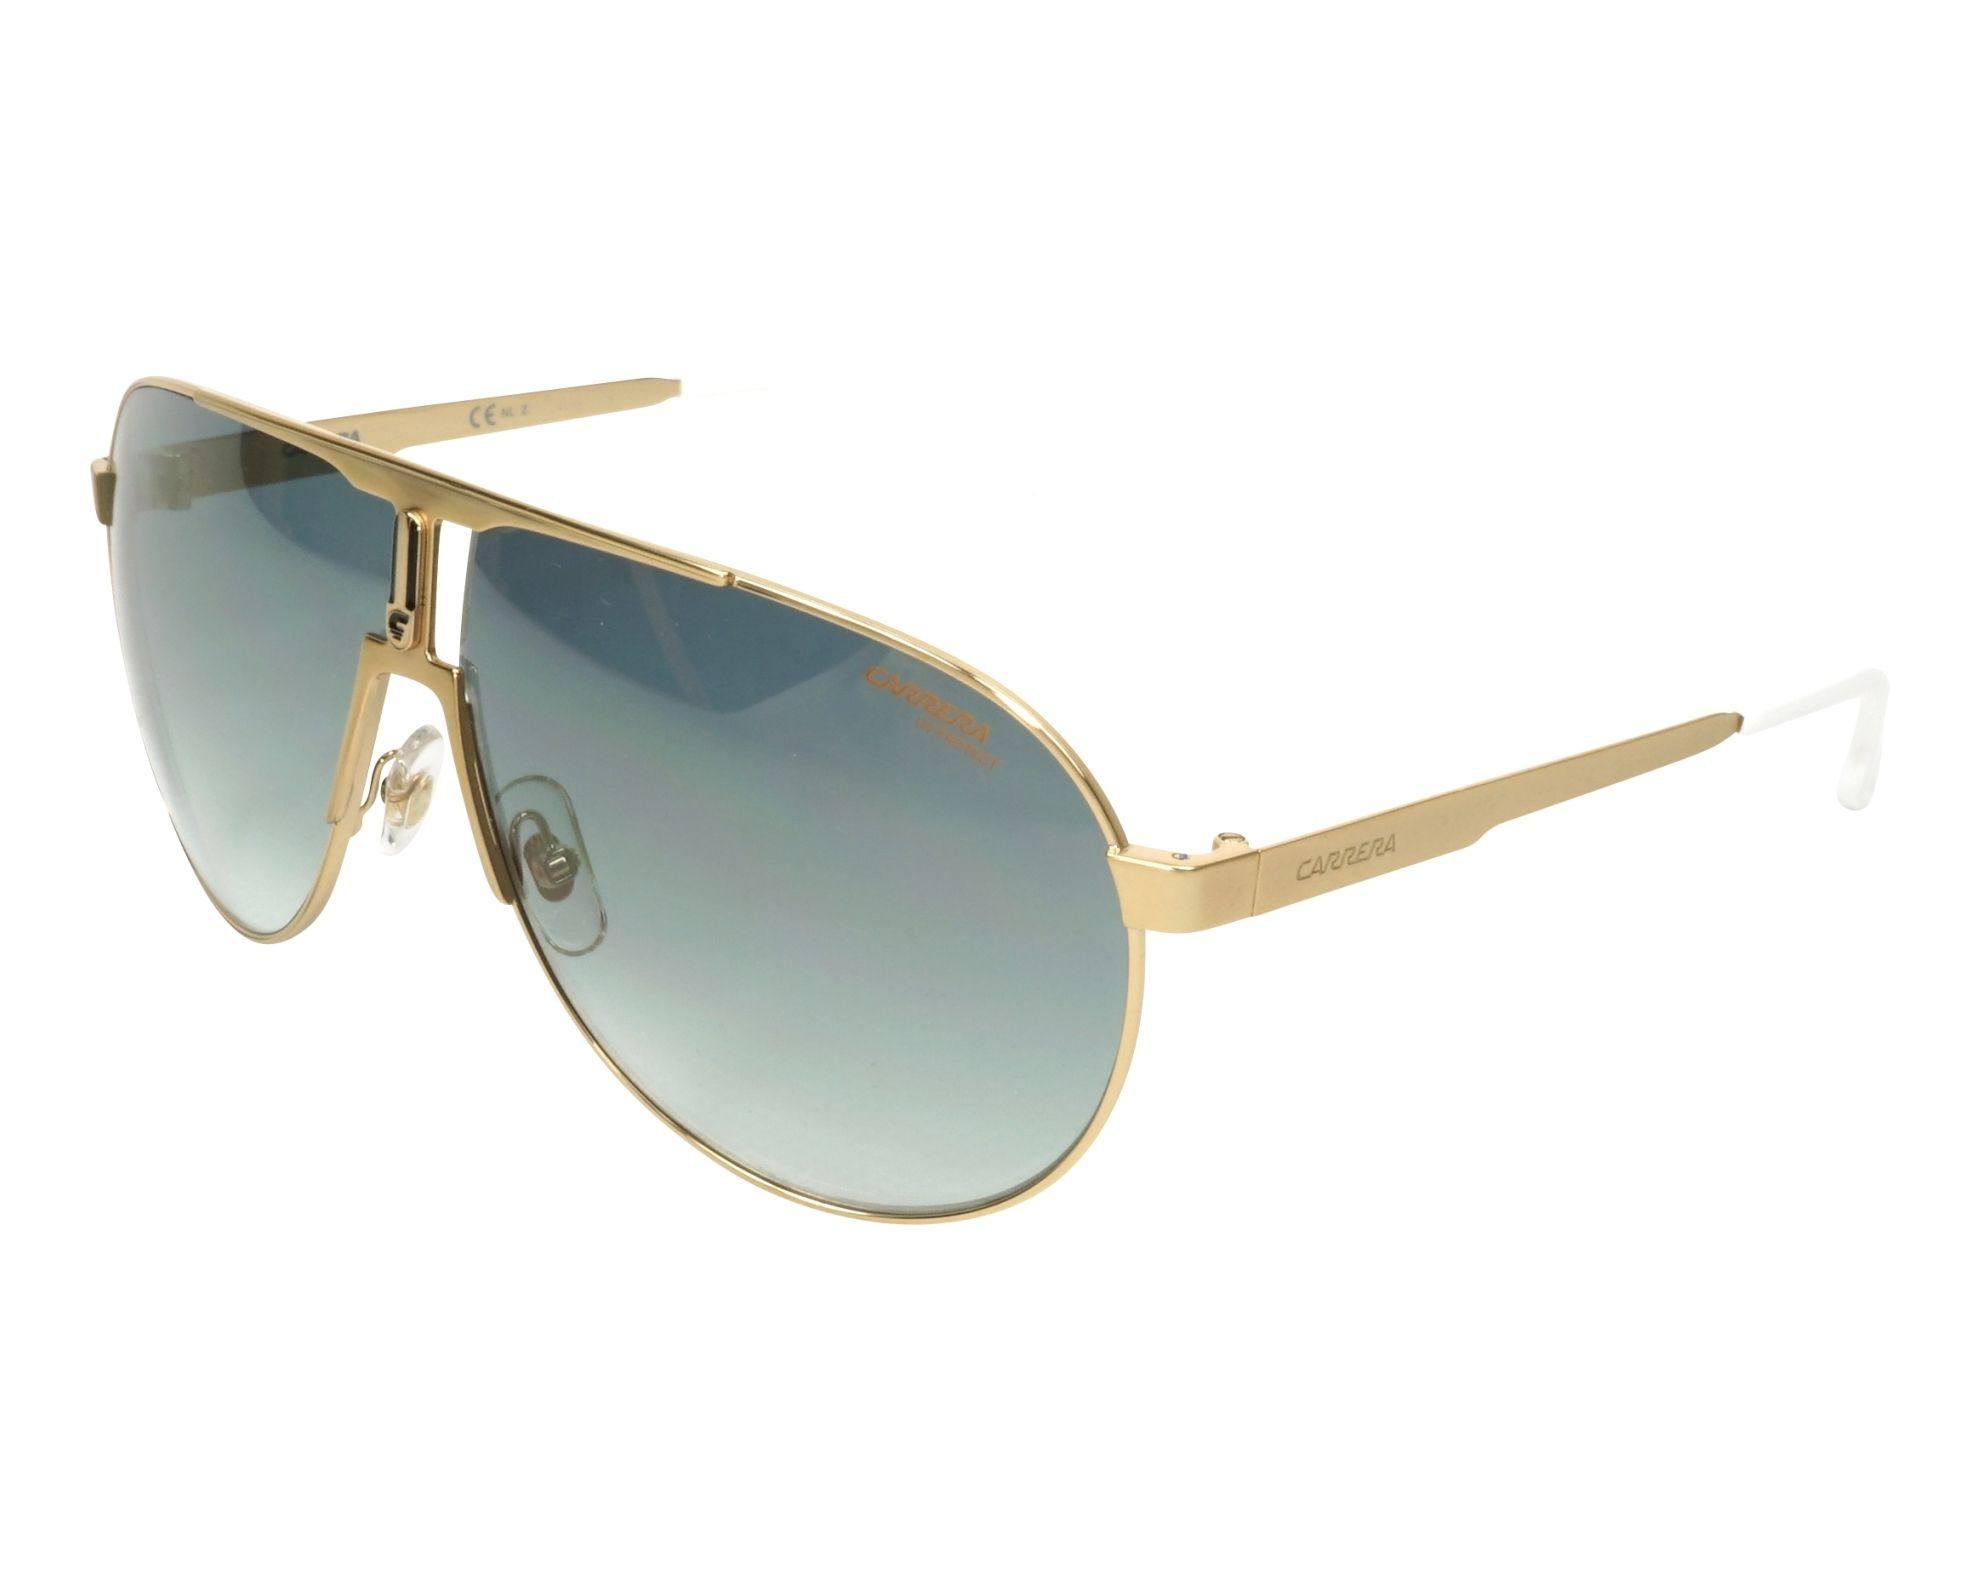 Sunglasses Carrera 1005-S J5G EZ 66-9 Gold profile view e99adc73861